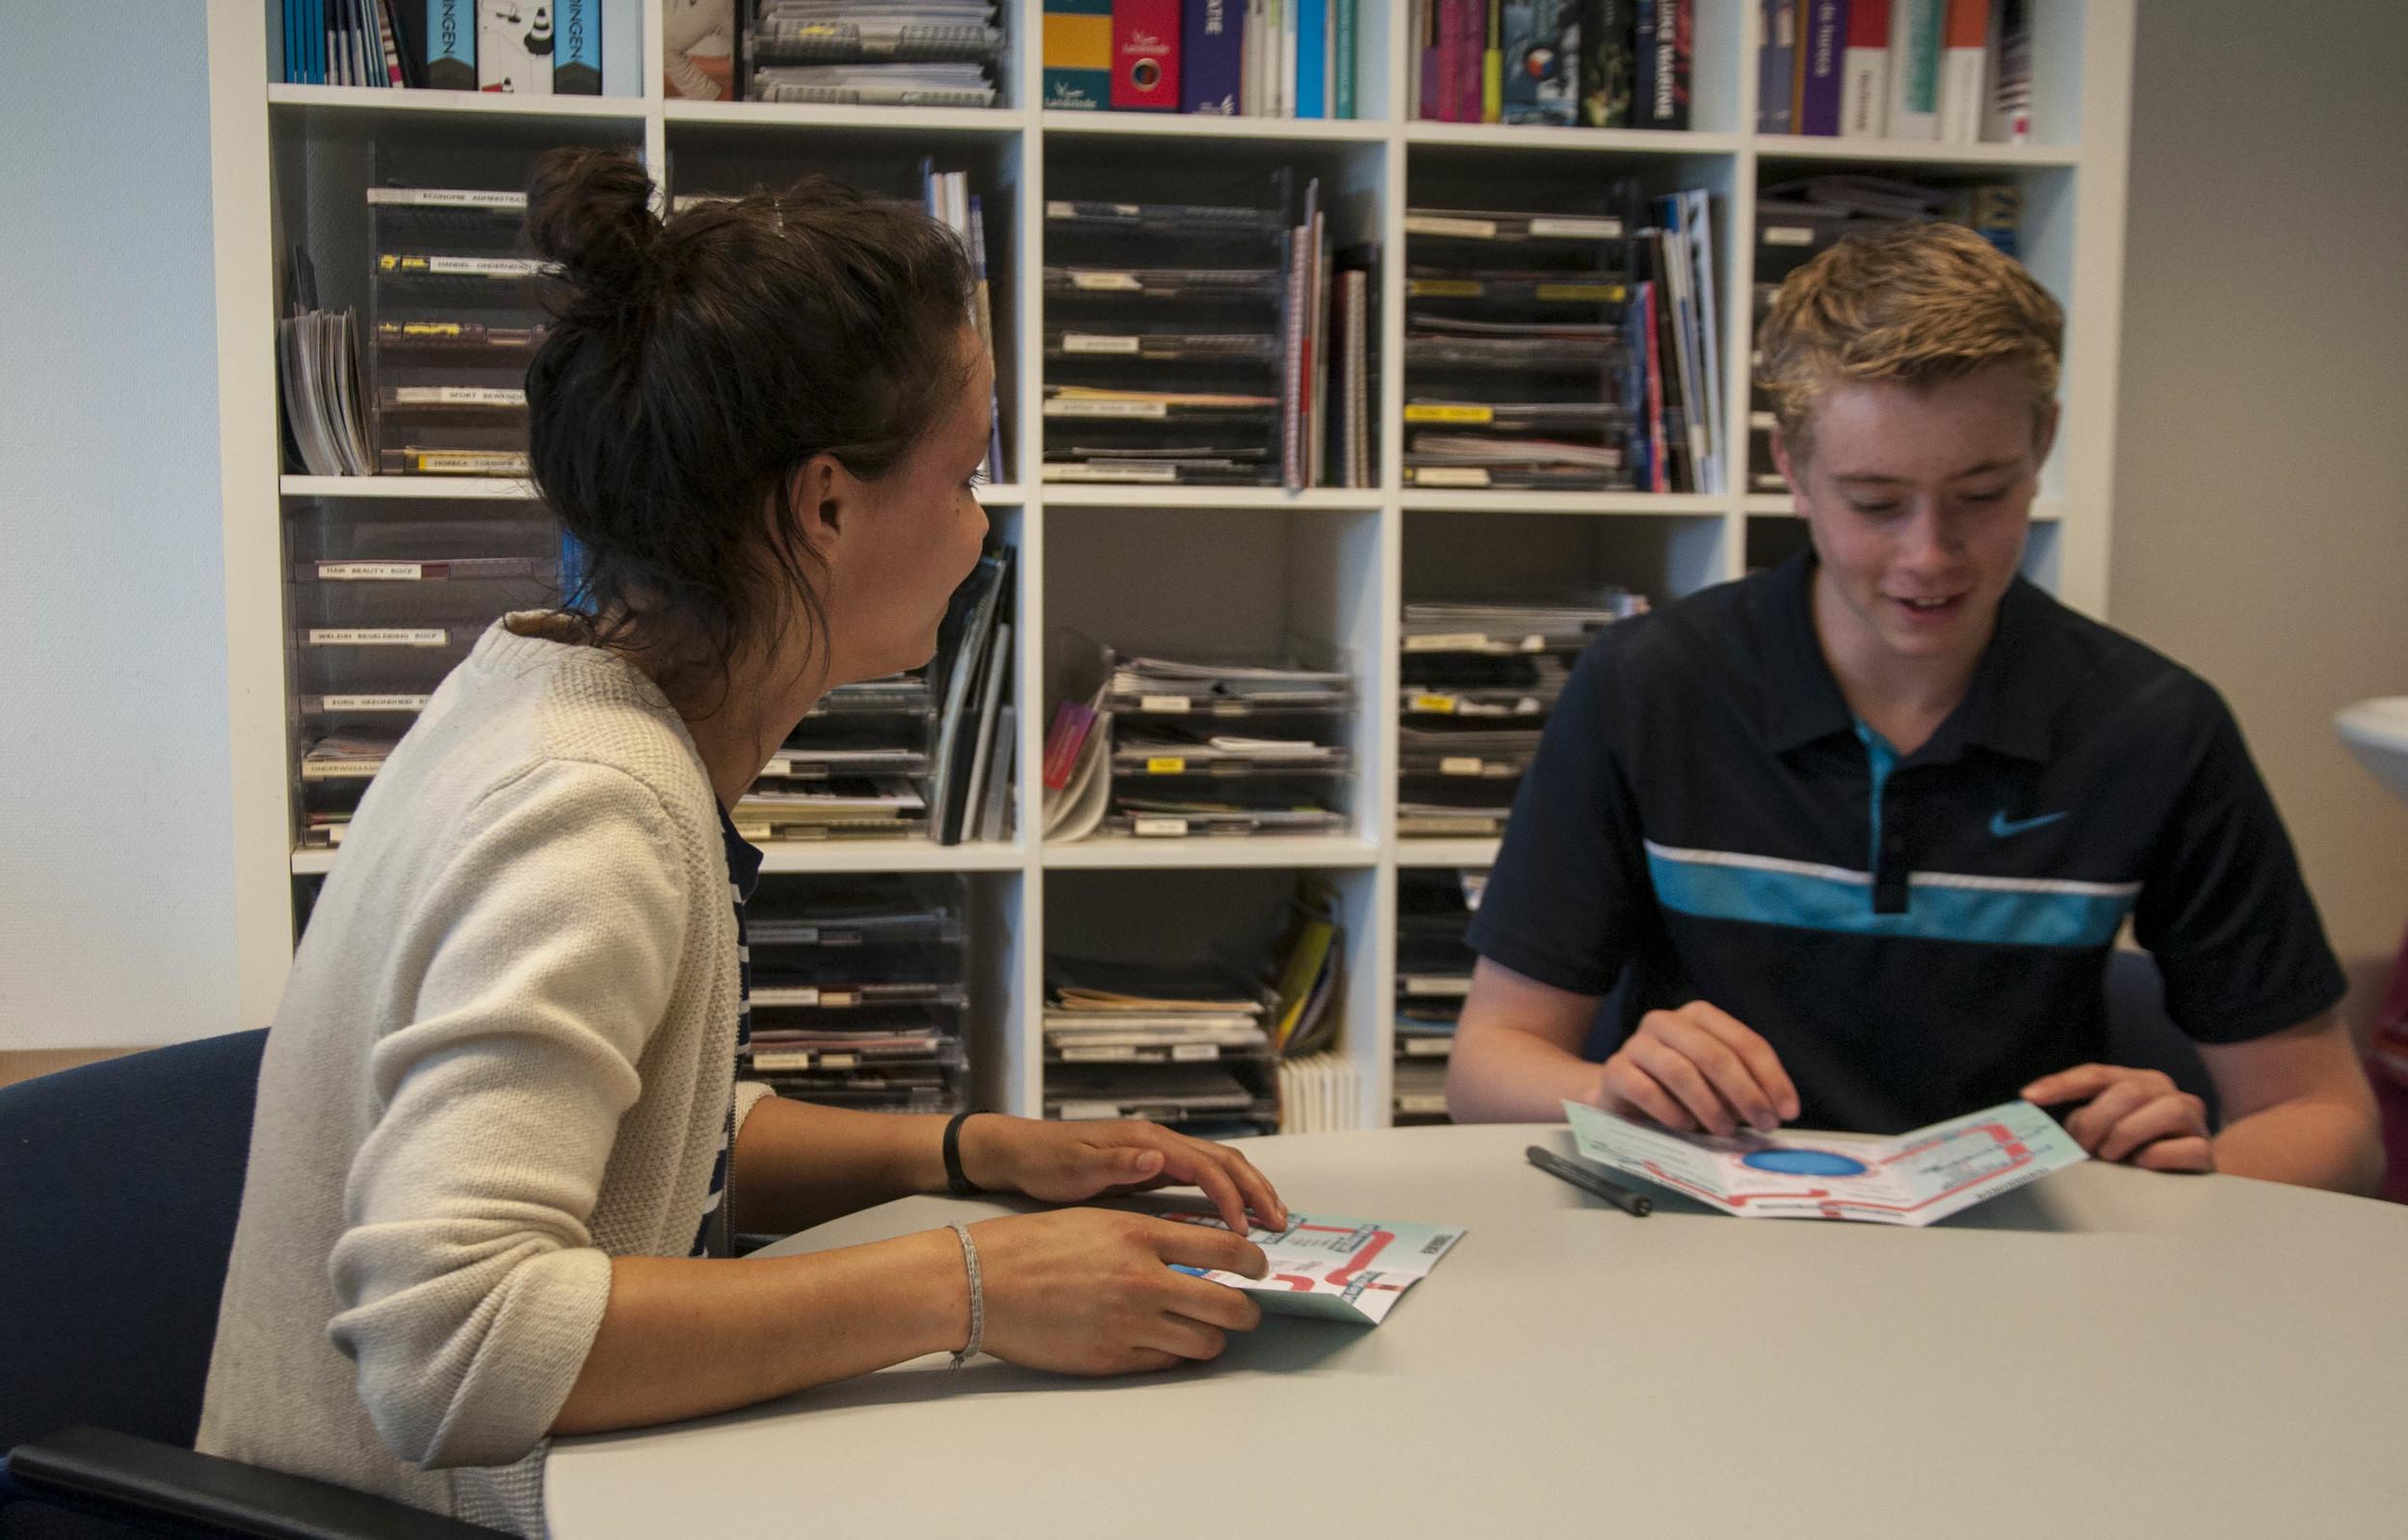 Test-loopbaangesprekken met de Toekomstrouteop het Buitenhout College Almere